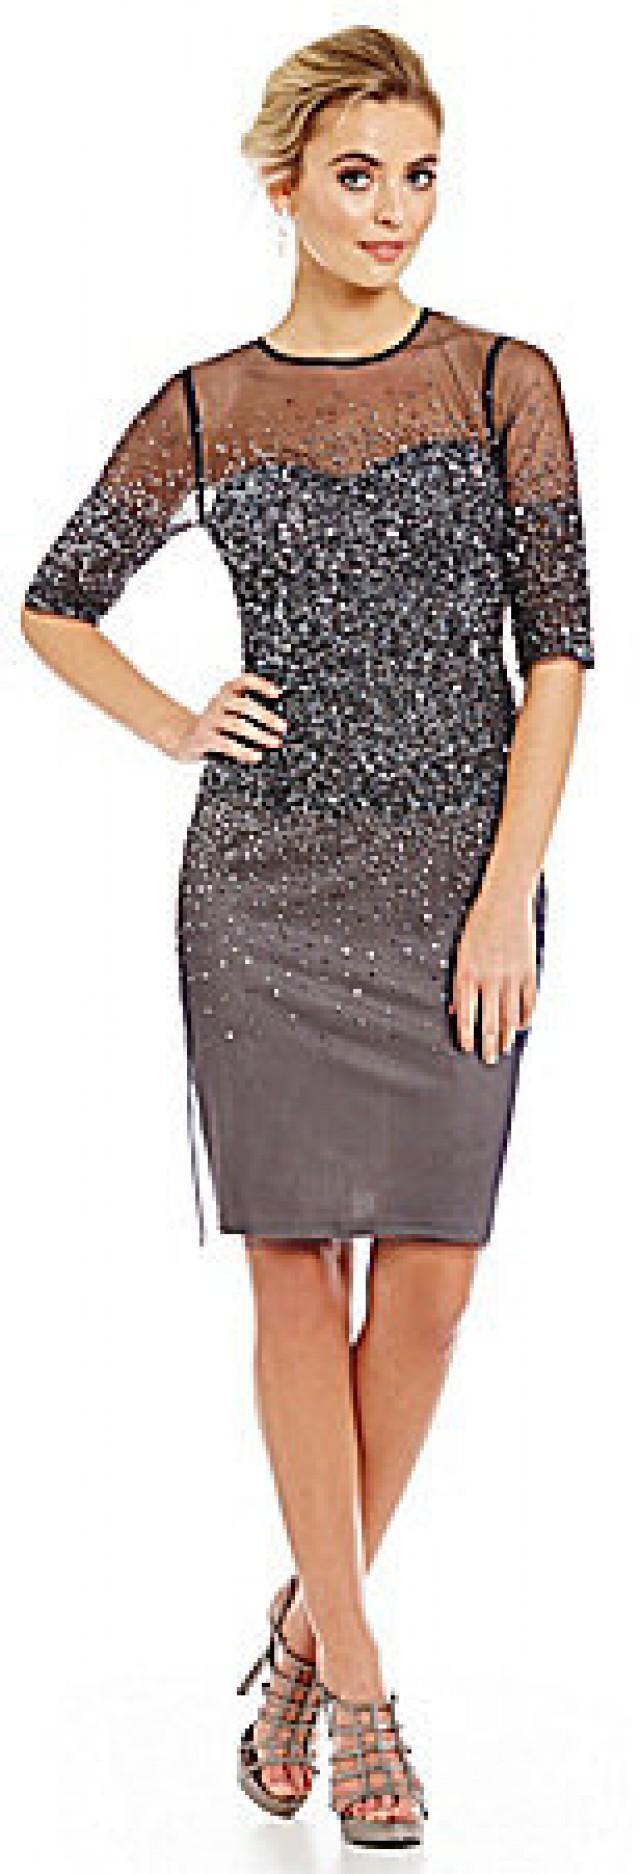 Adrianna Papell 3/4 Sleeve Beaded Cocktail Dress #2507290 - Weddbook